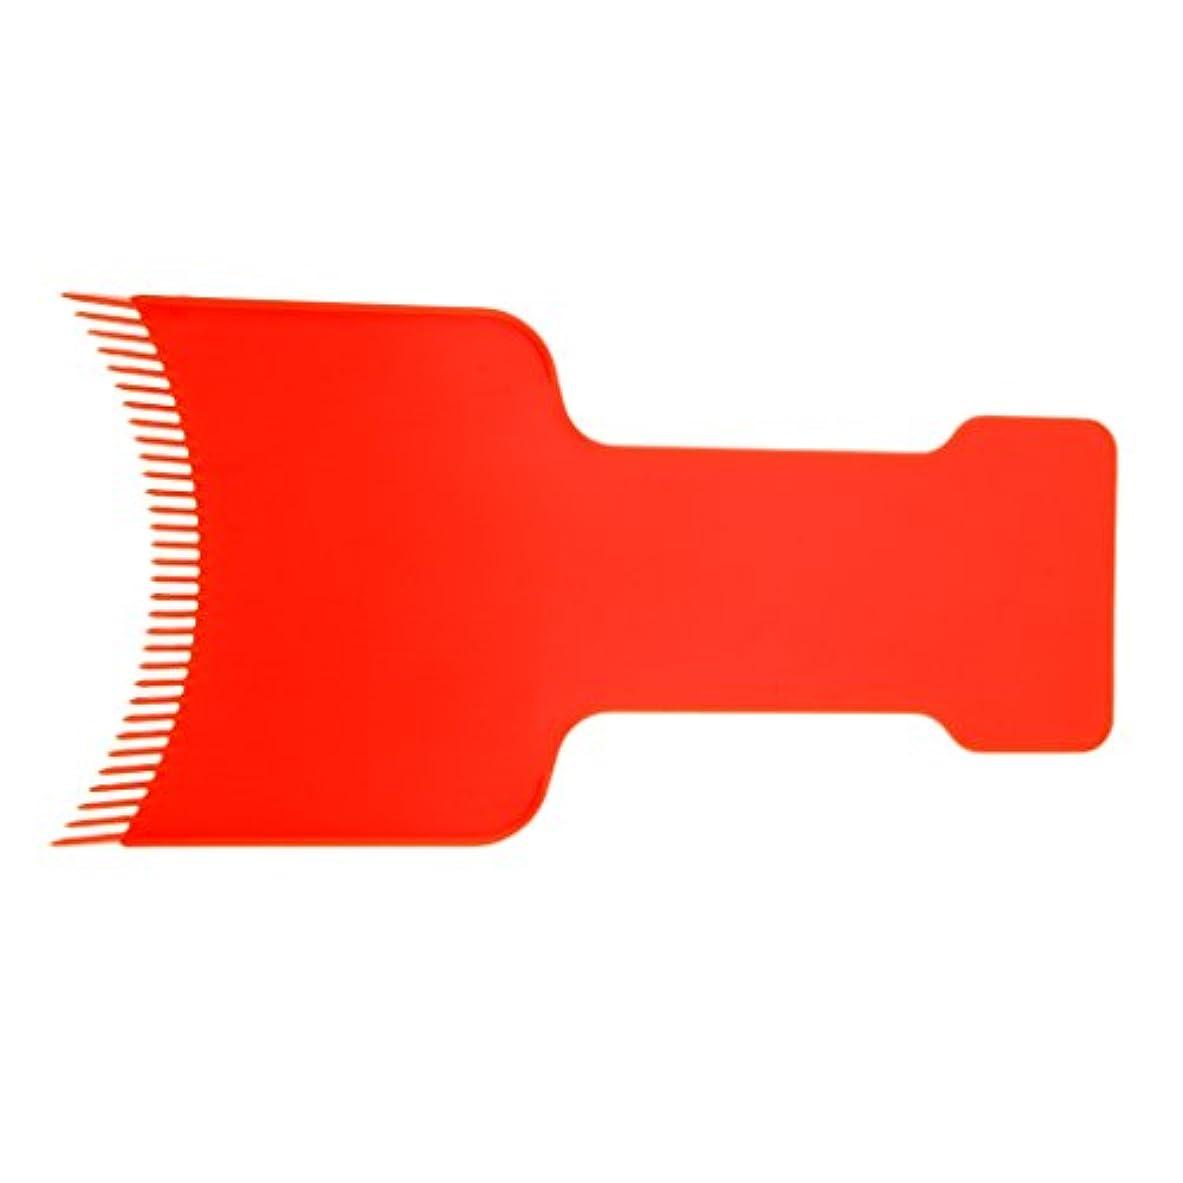 委託寄付する悪用CUTICATE サロンヘアカラーボードヘアカラーティントプレート理髪美容美容 健康